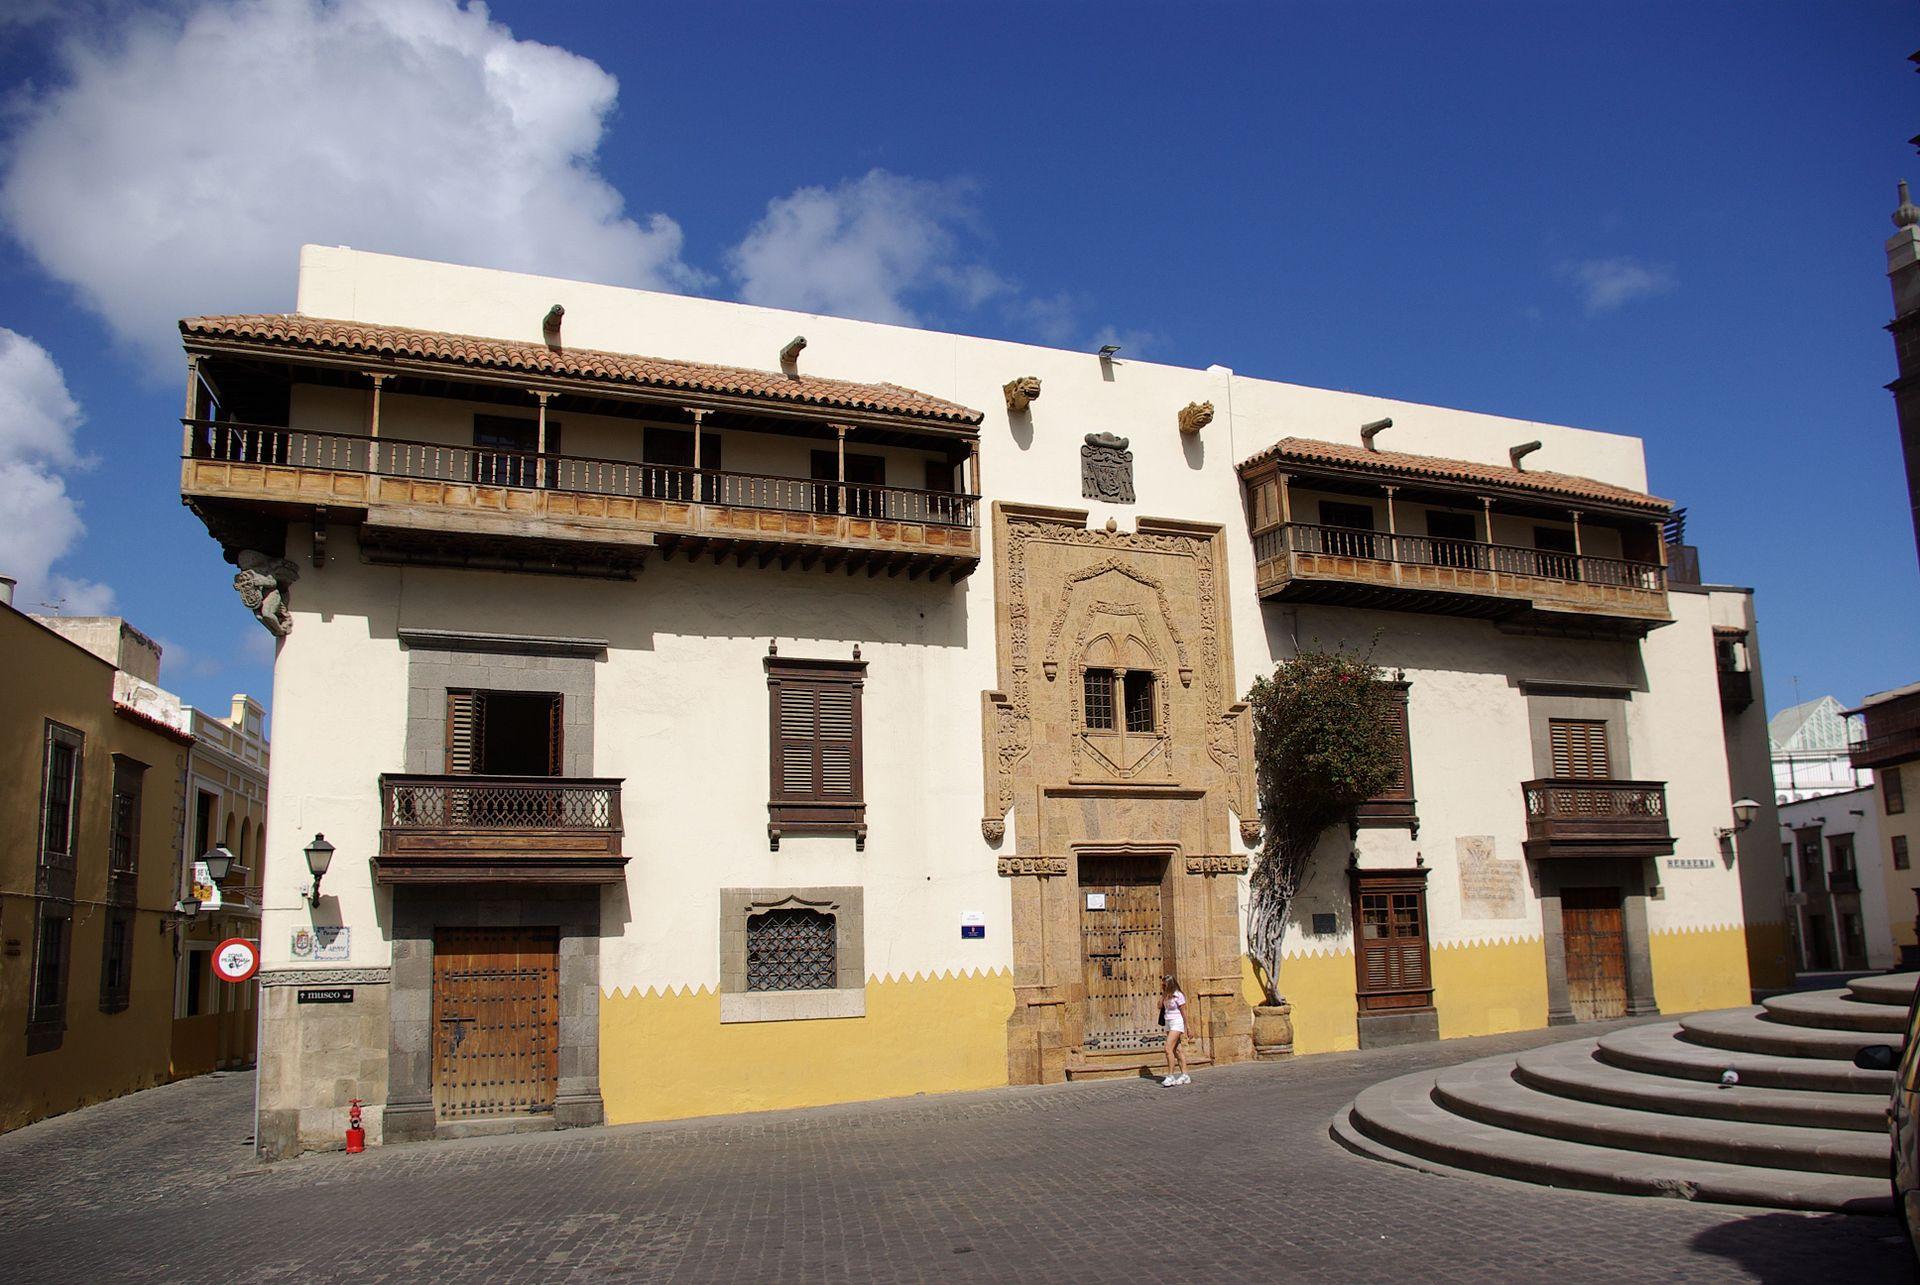 Casa de col n las palmas de gran canaria wikipedia la - Casa activa las palmas ...